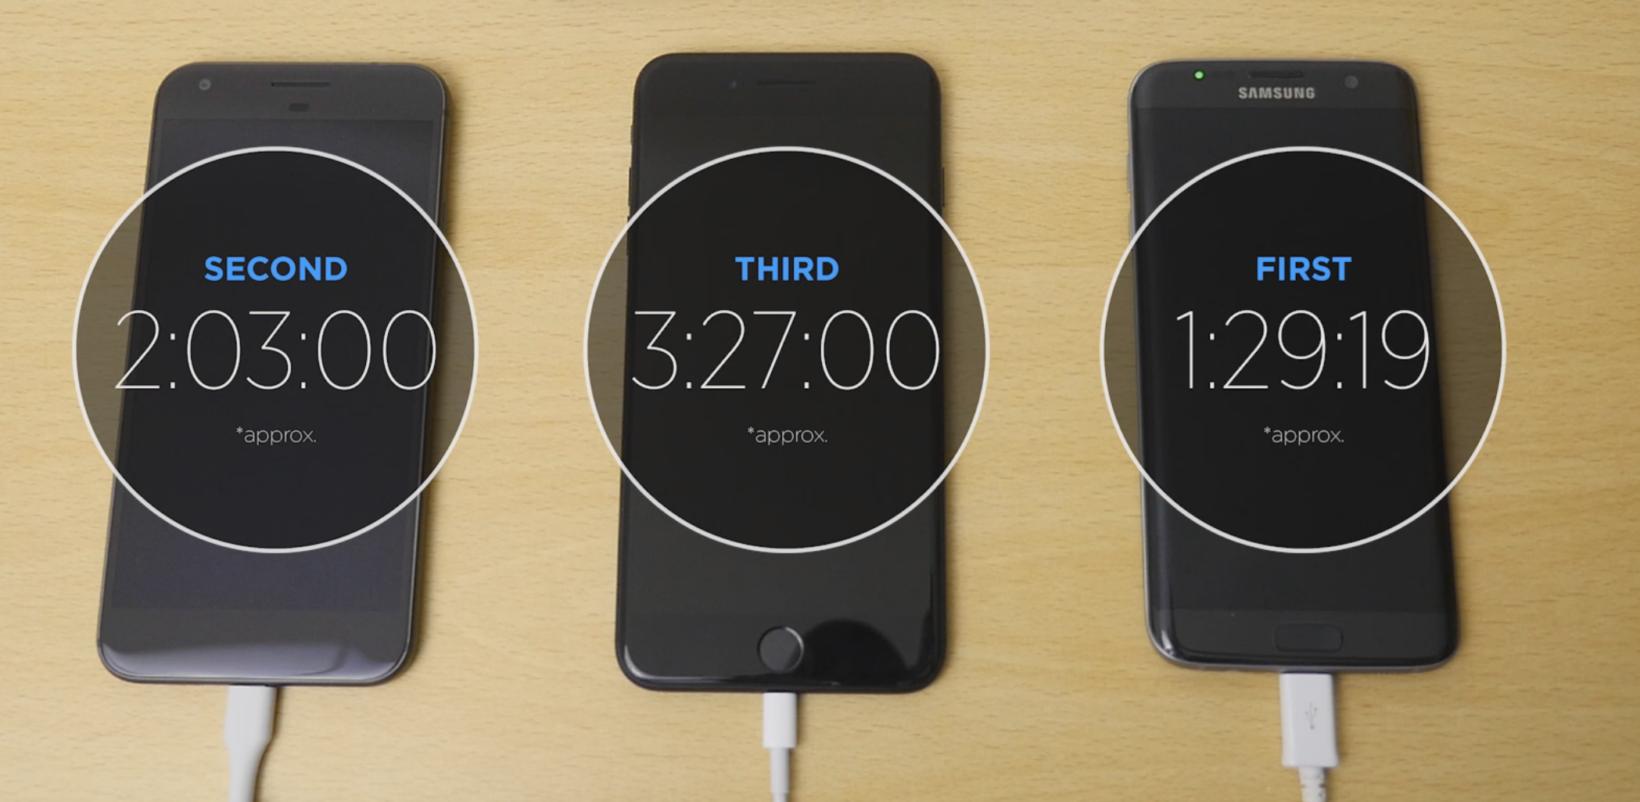 Samsung Galaxy S7 edge rimane il re della ricarica rapida